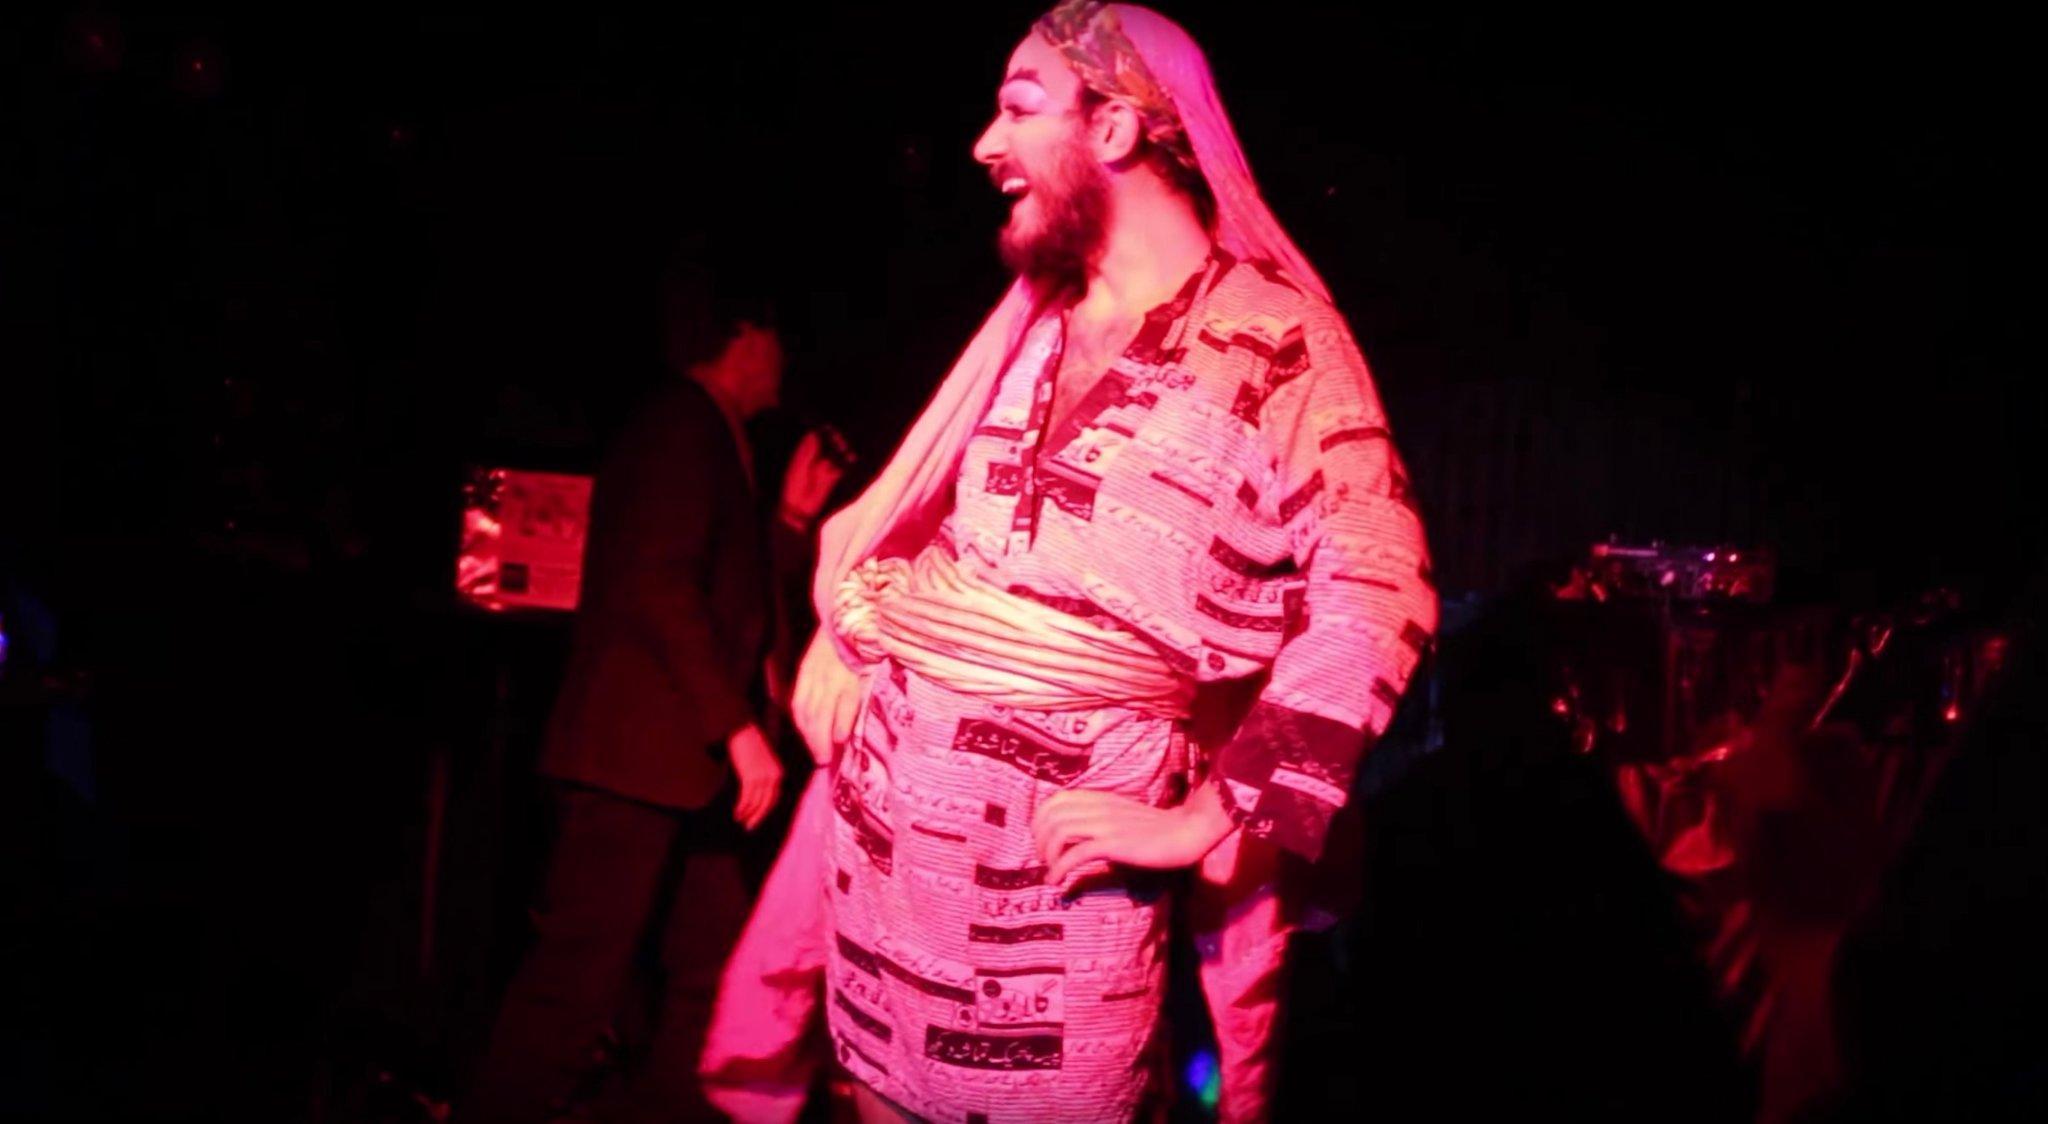 زنانہ لباس اور ڈریگ ڈانس میرے فن کا حصہ ہے- پاکستان واپس نہیں آنا چاہتا؛ ذوالفقار علی بھٹو جونئیر